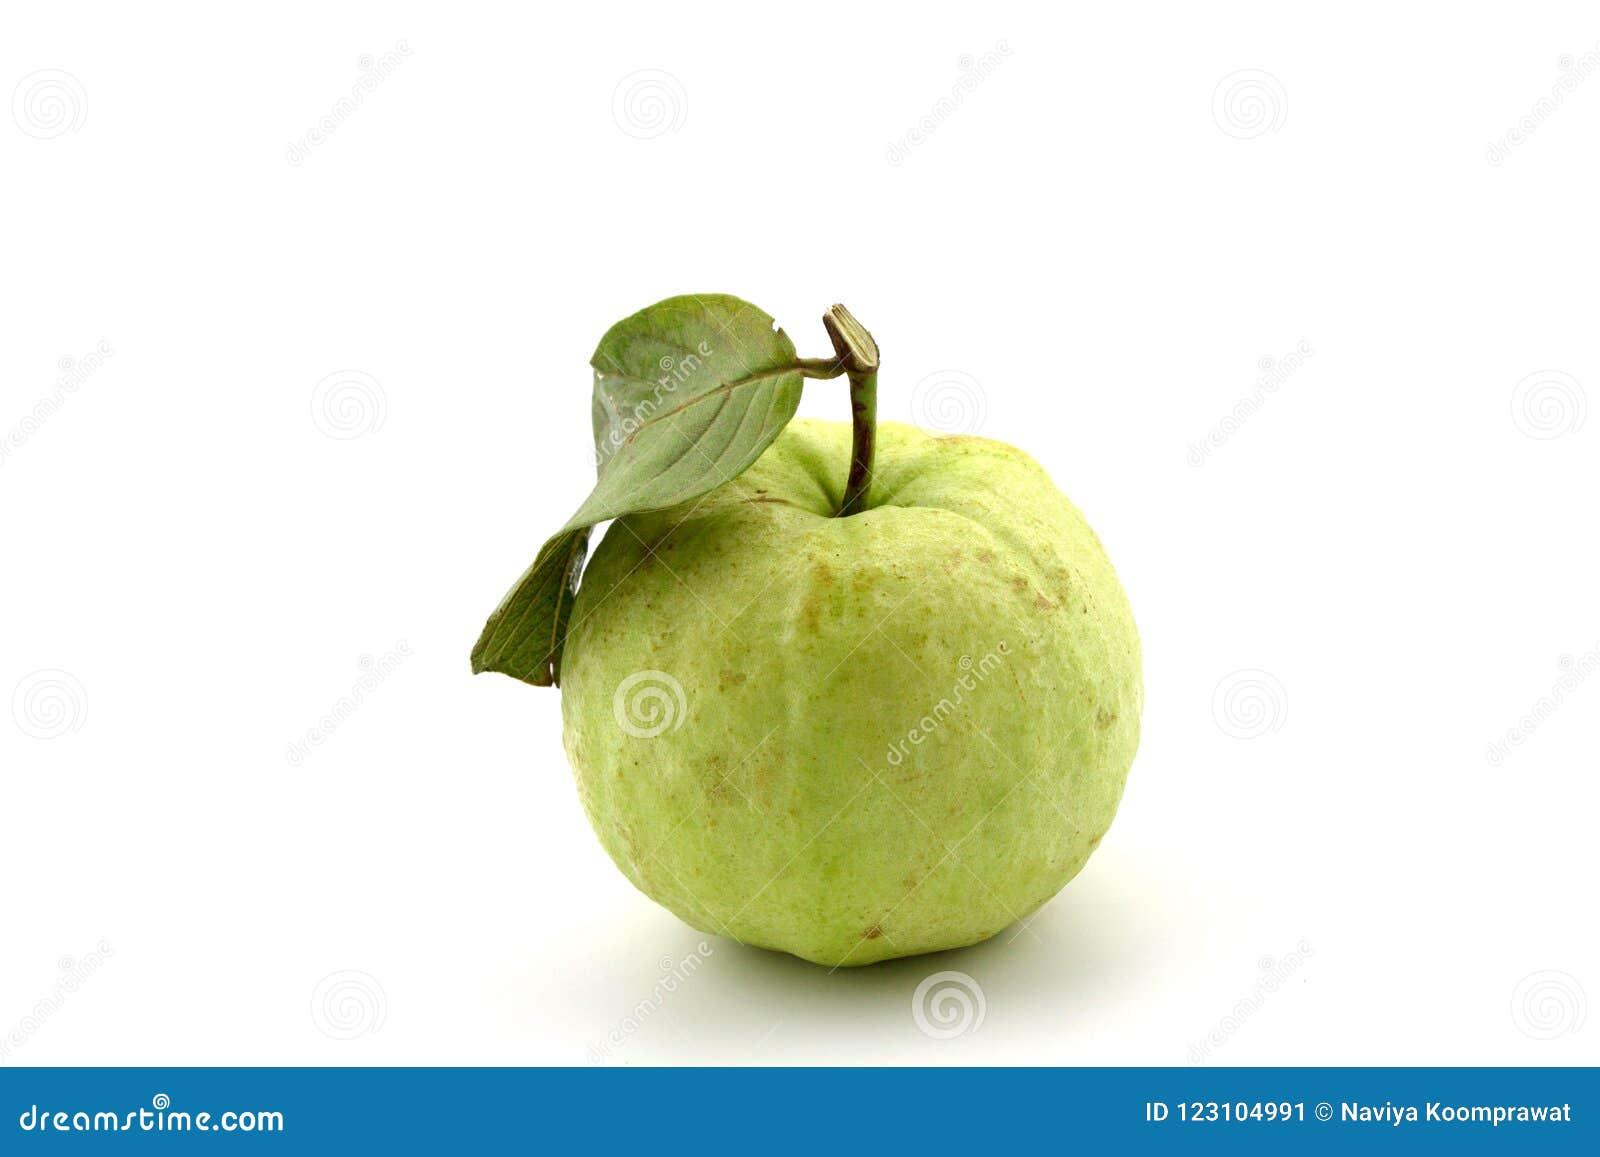 Całe surowe guava owoc odizolowywali białego tło